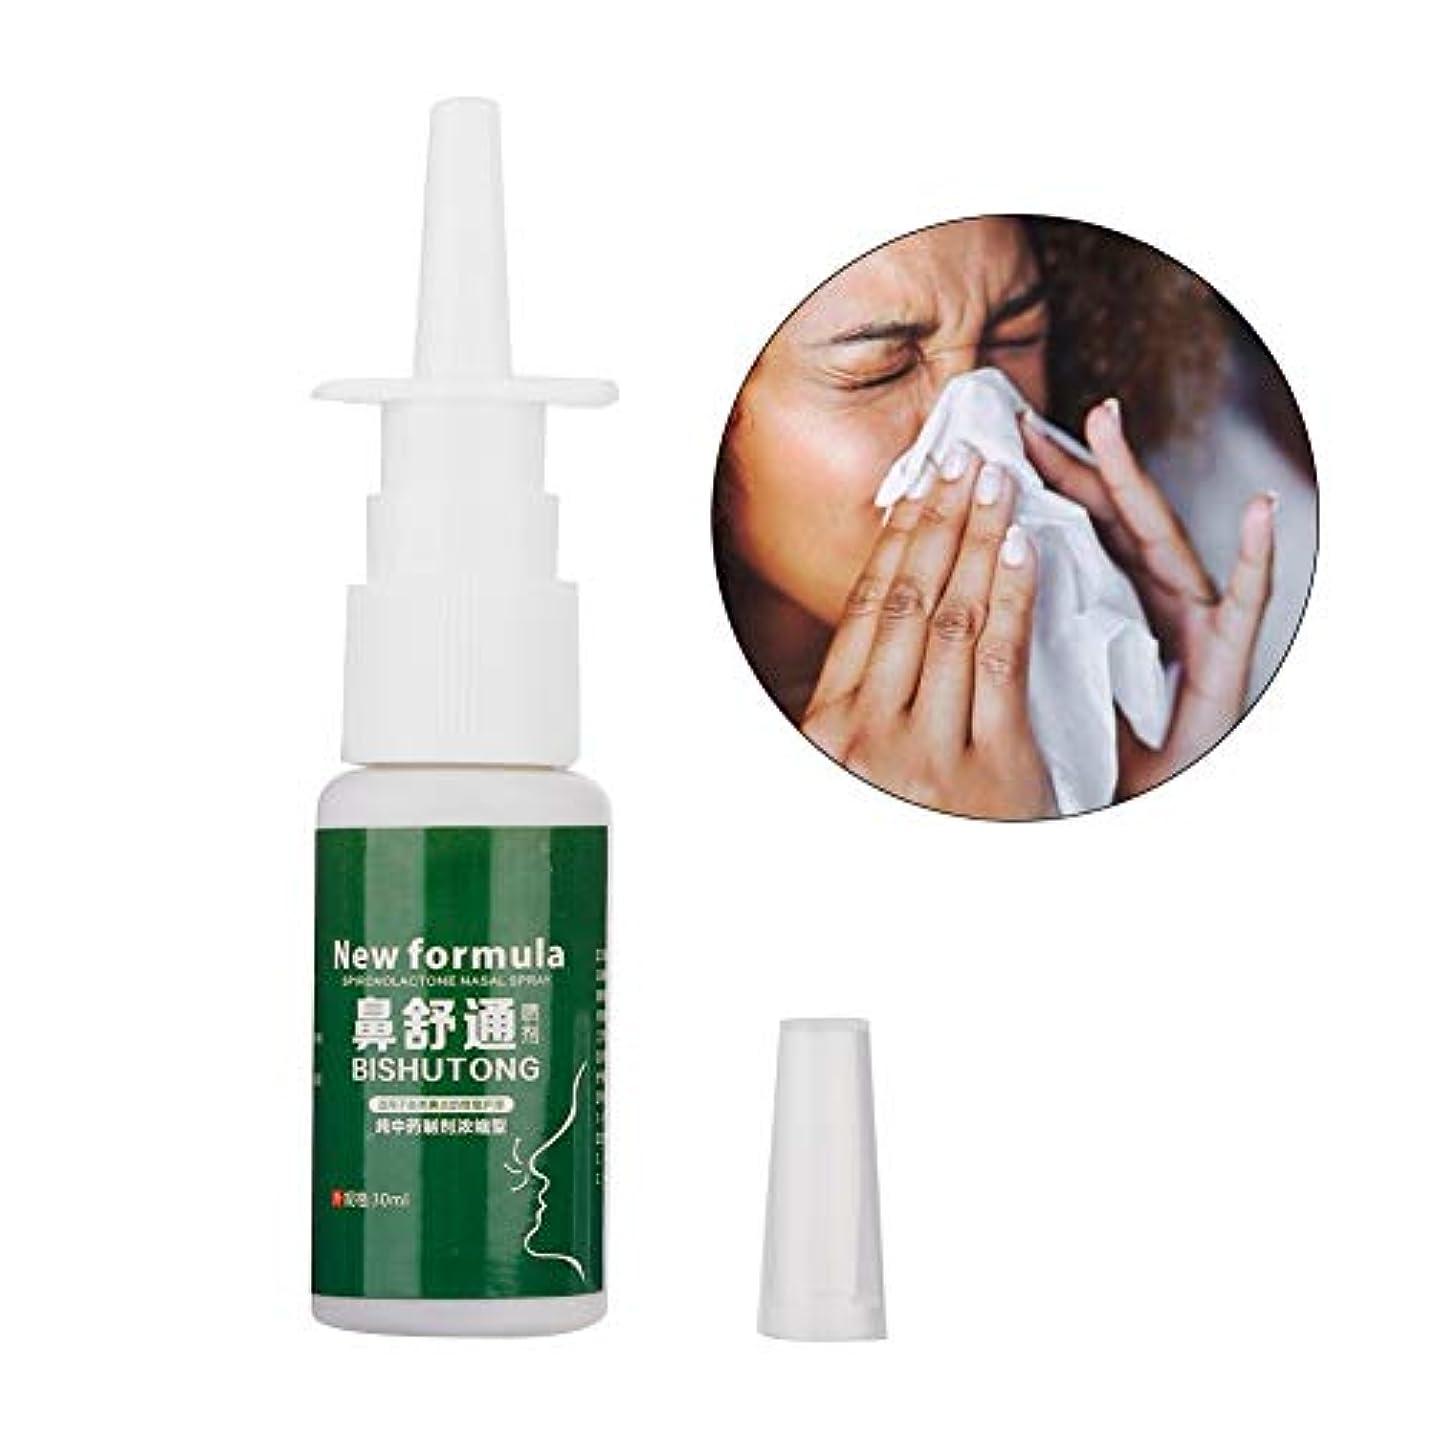 脈拍受粉者補助鼻アレルギー鼻炎スプレー、30ml鼻炎ハーブスプレー鼻アレルギーとかゆみ鼻炎のための漢方薬